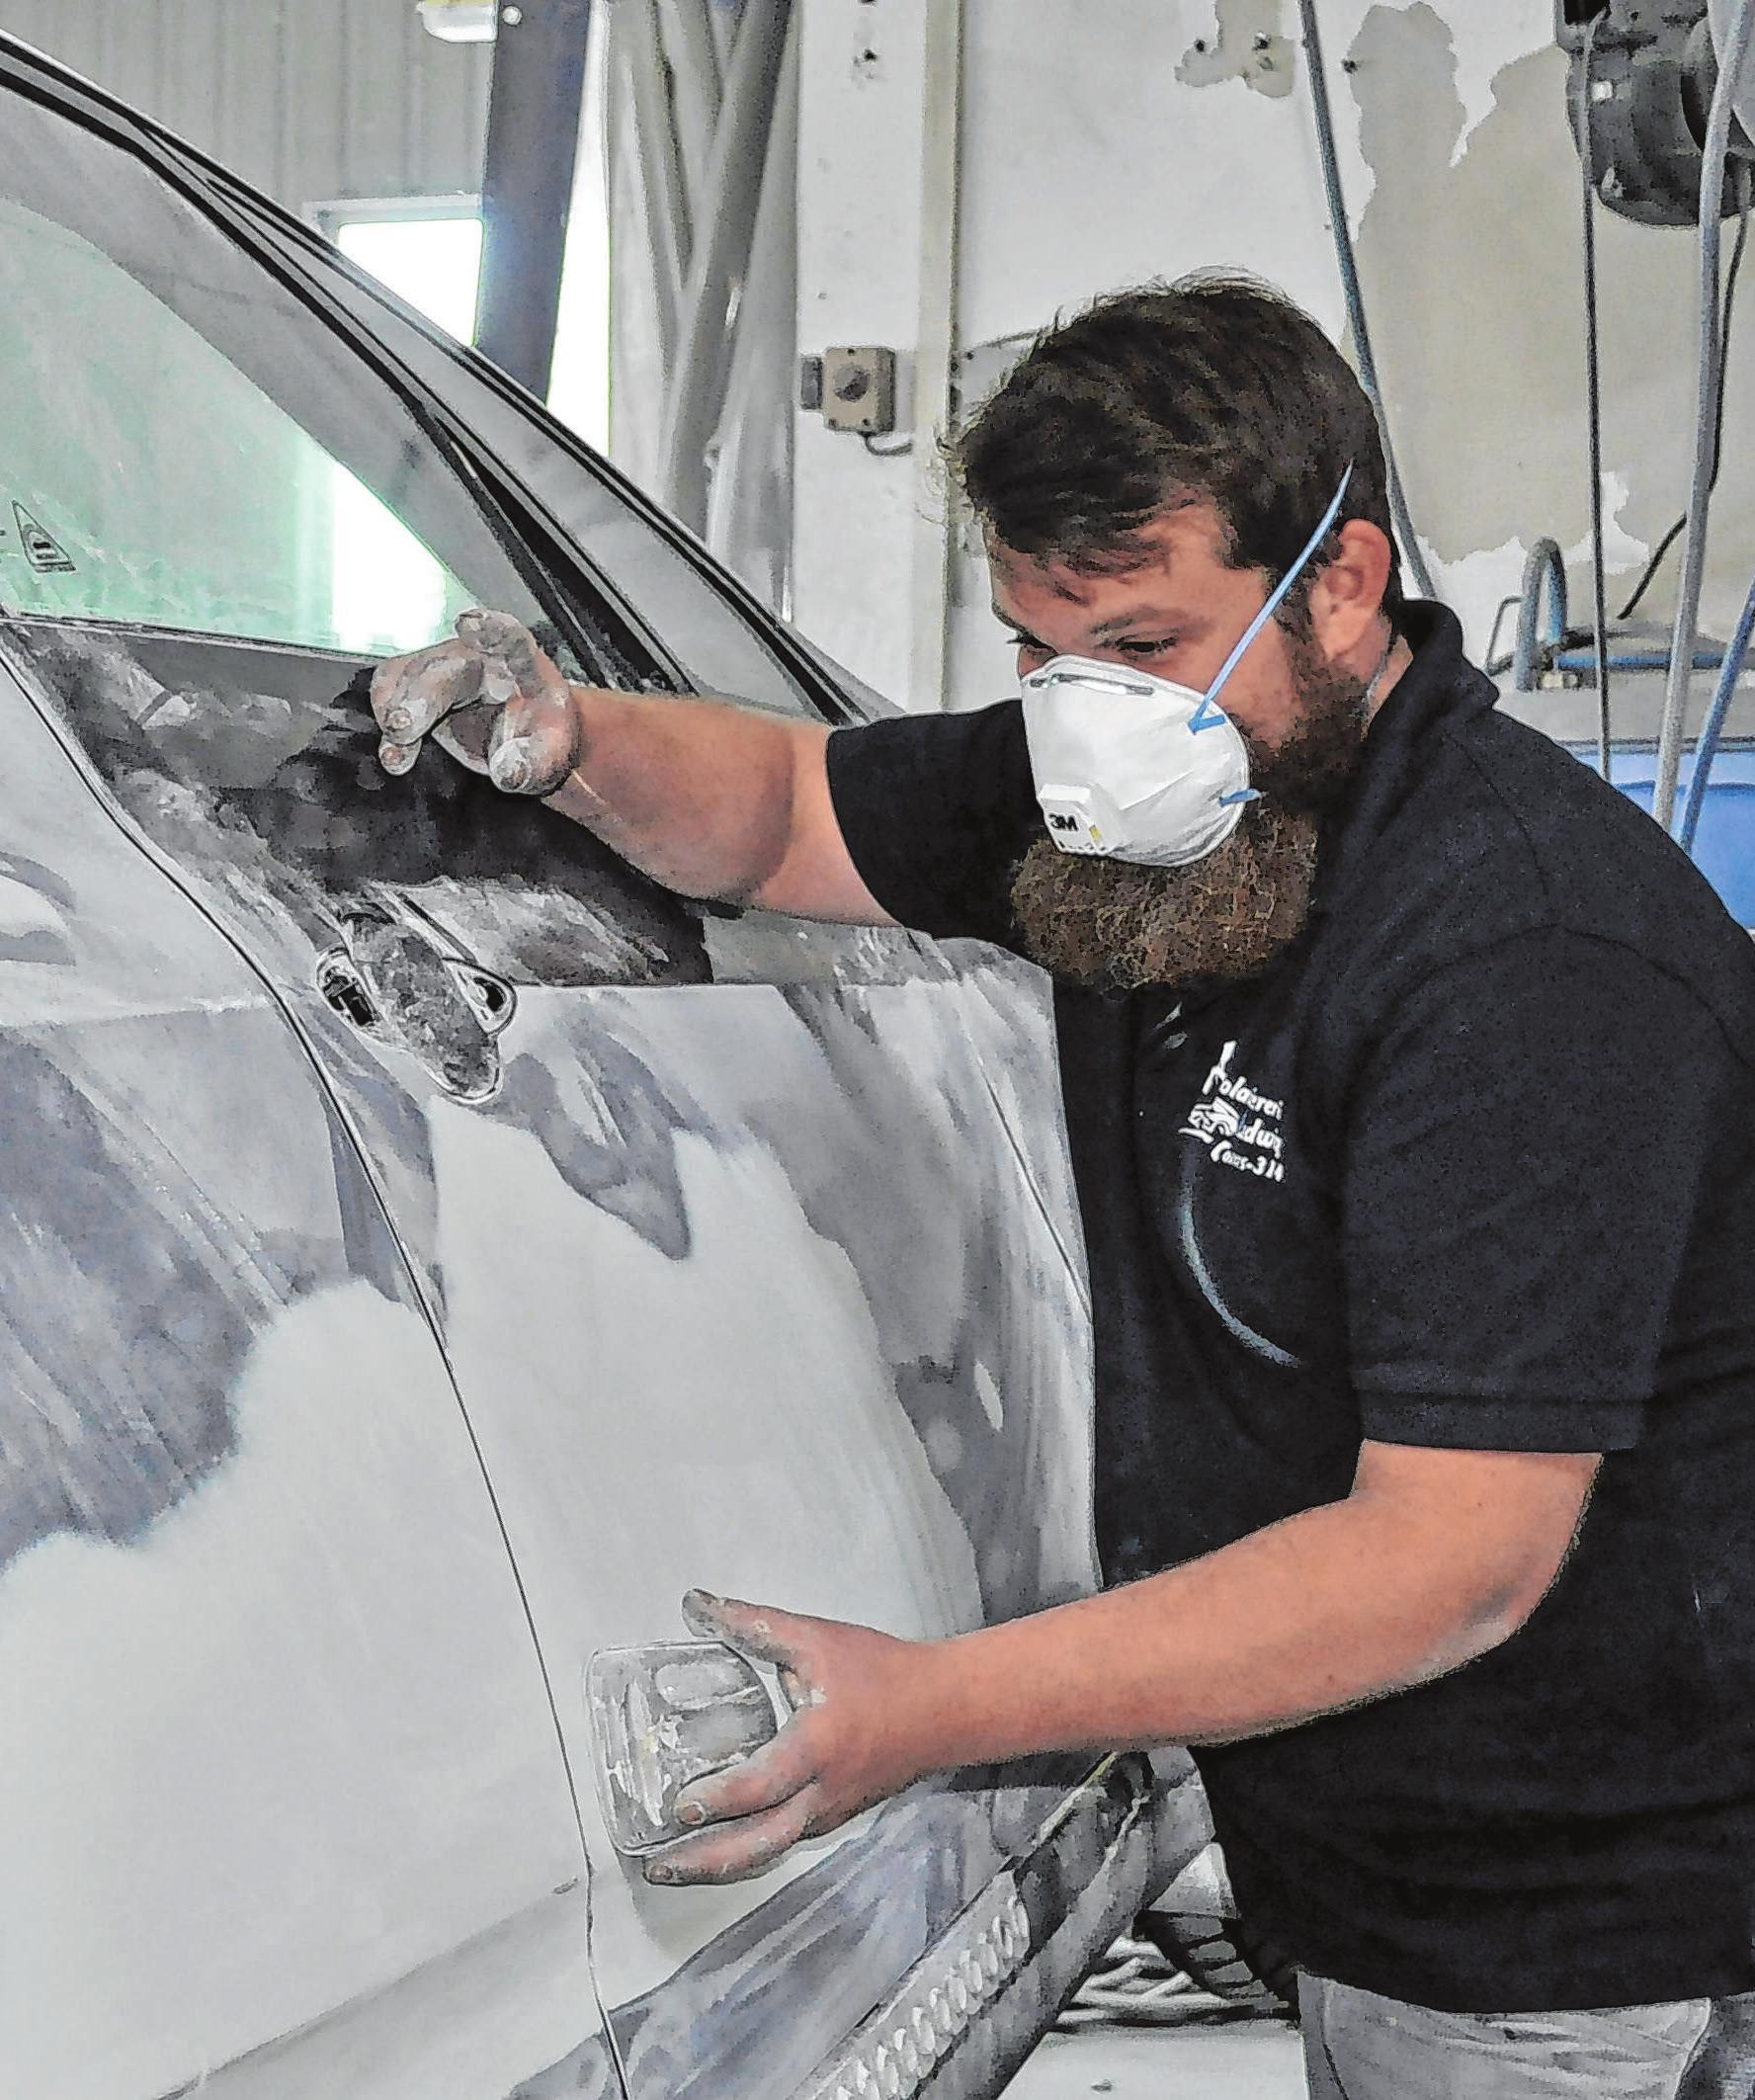 Vorbereitung für das Lackieren: Stephan Ludwig beim Schleifen einer Autotür